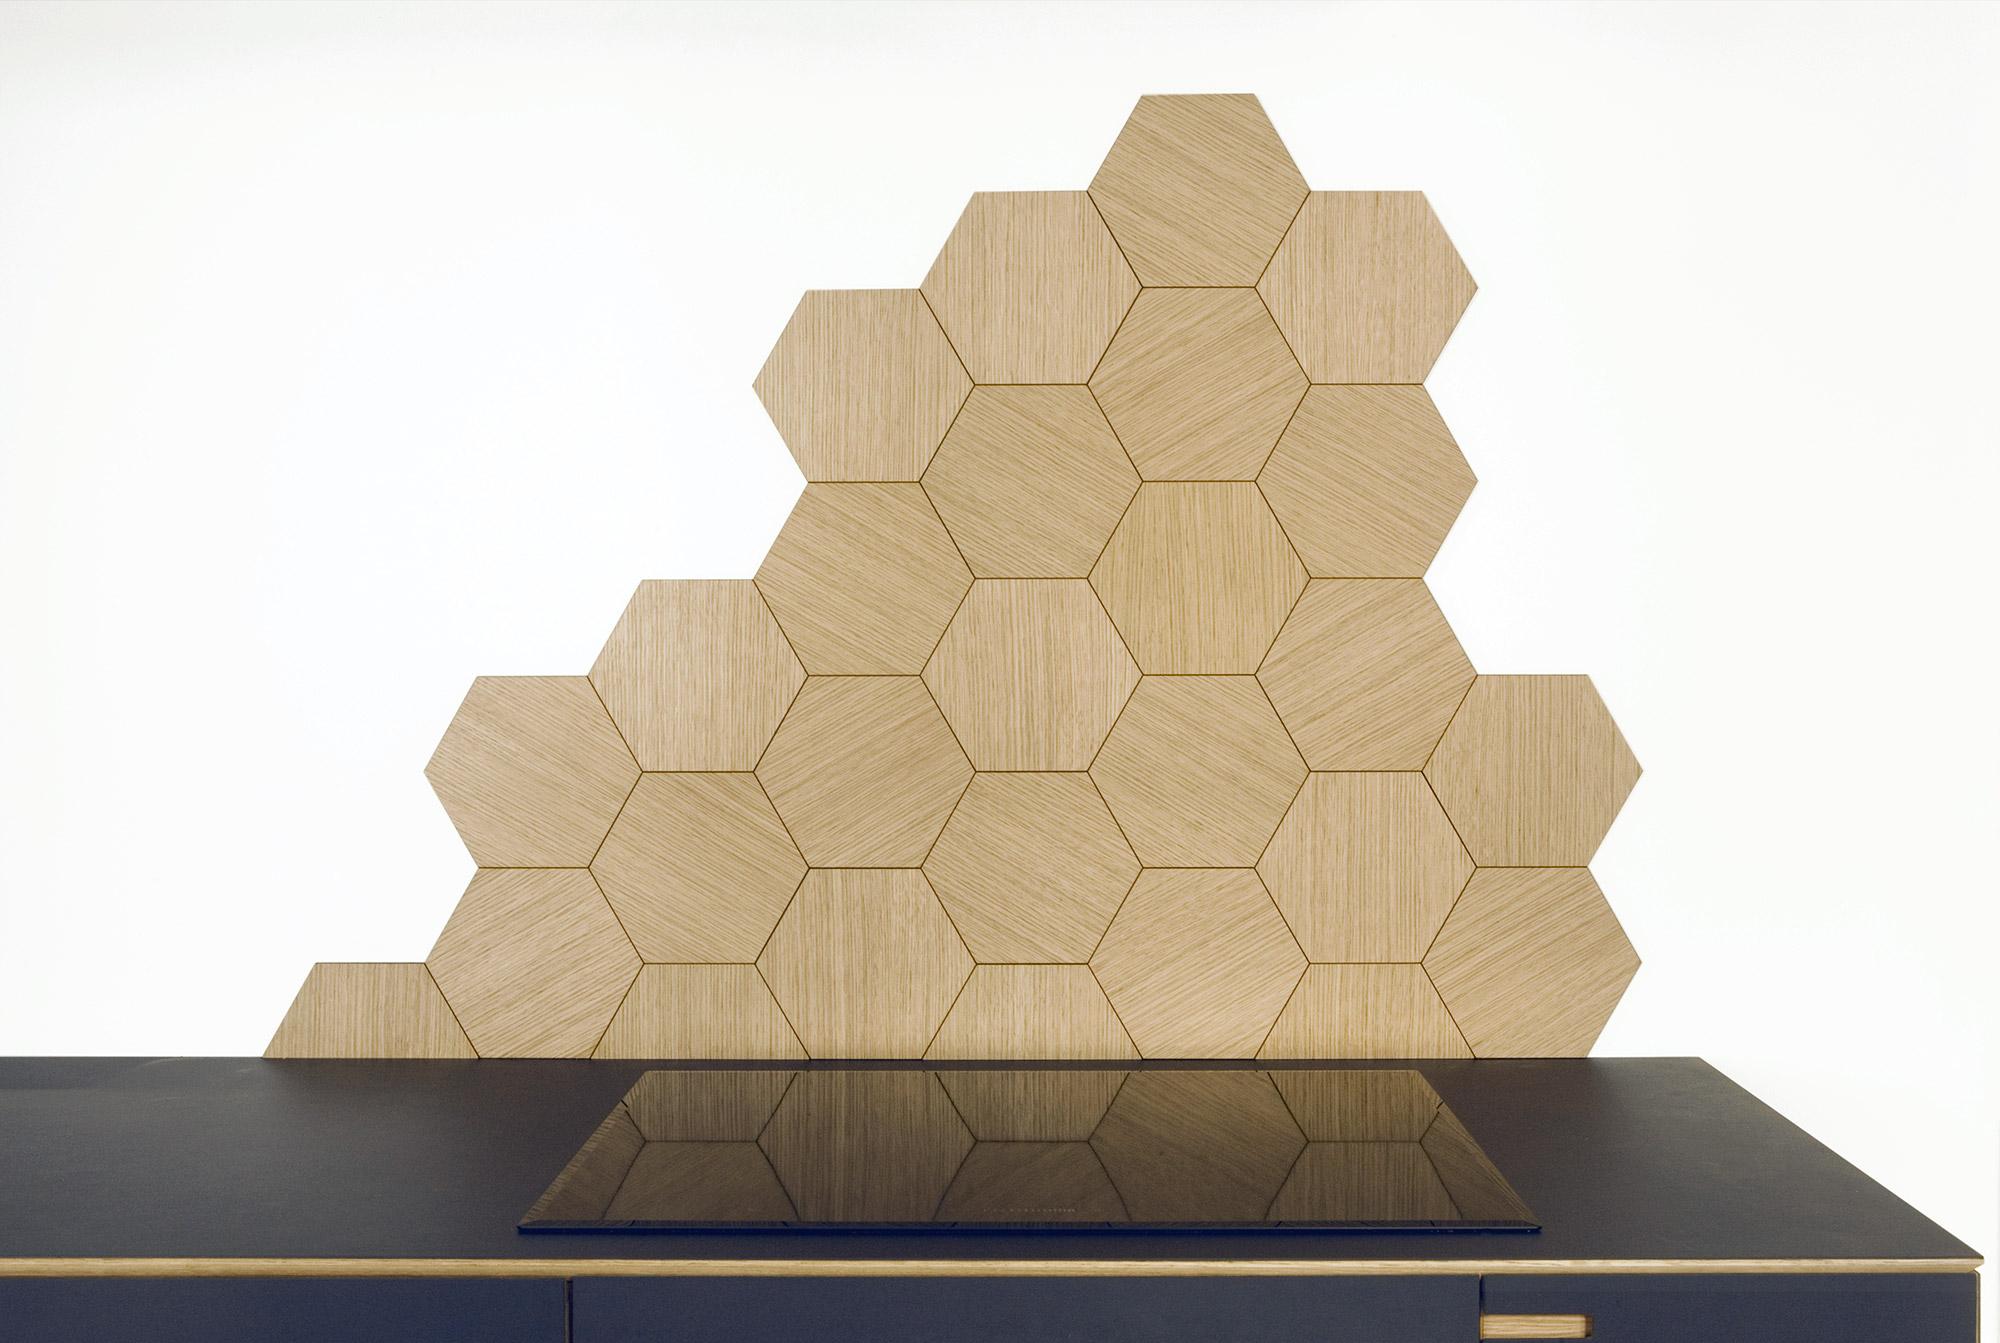 Hexagonflise i egetræ - sekskantede fliser til stænkvæg og dekoration - designet og produceret af Nicolaj Bo™